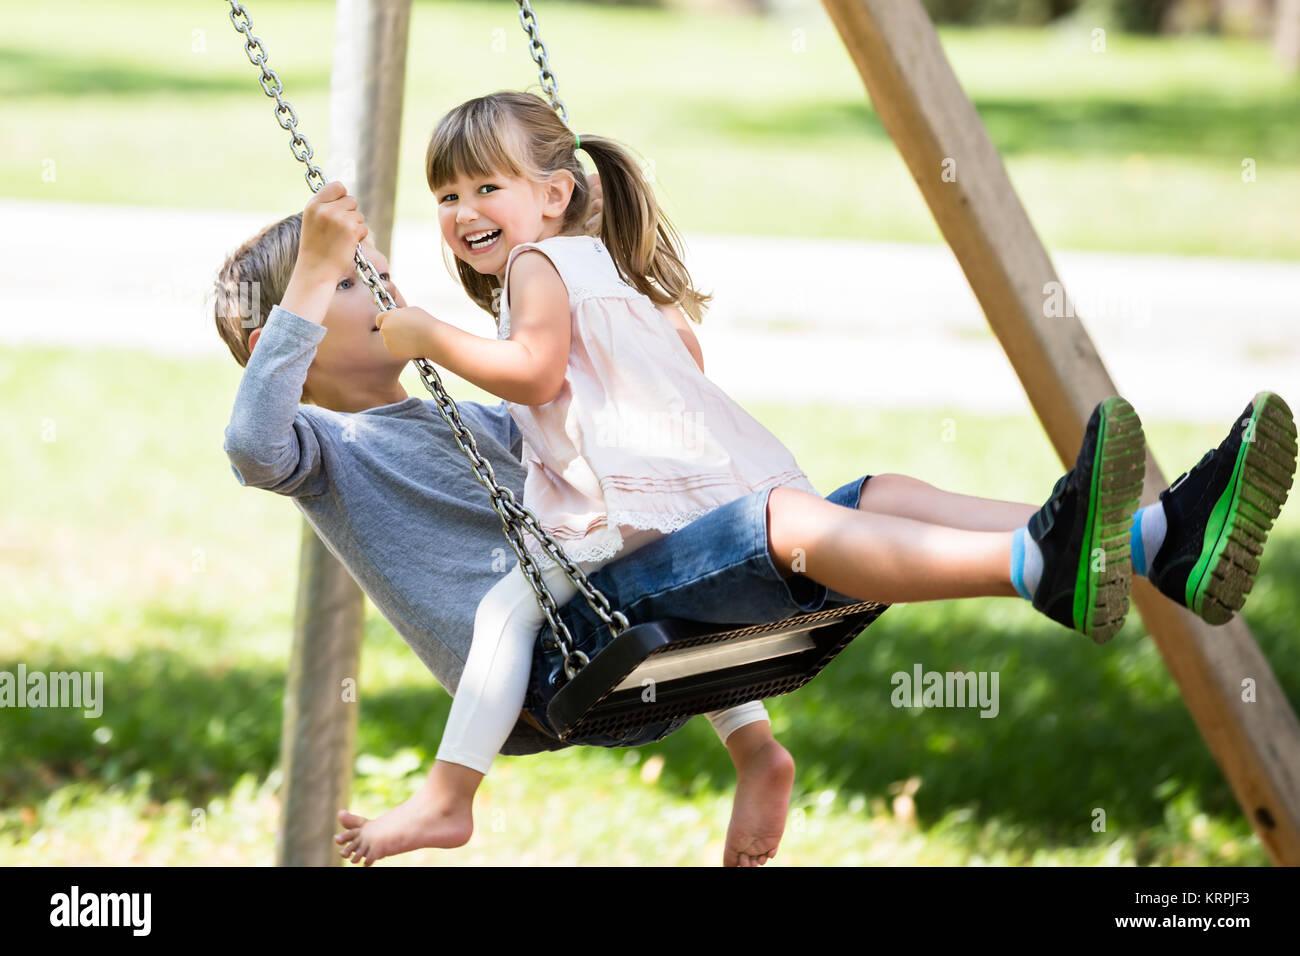 Bruder und Schwester auf Swing im Park Stockbild